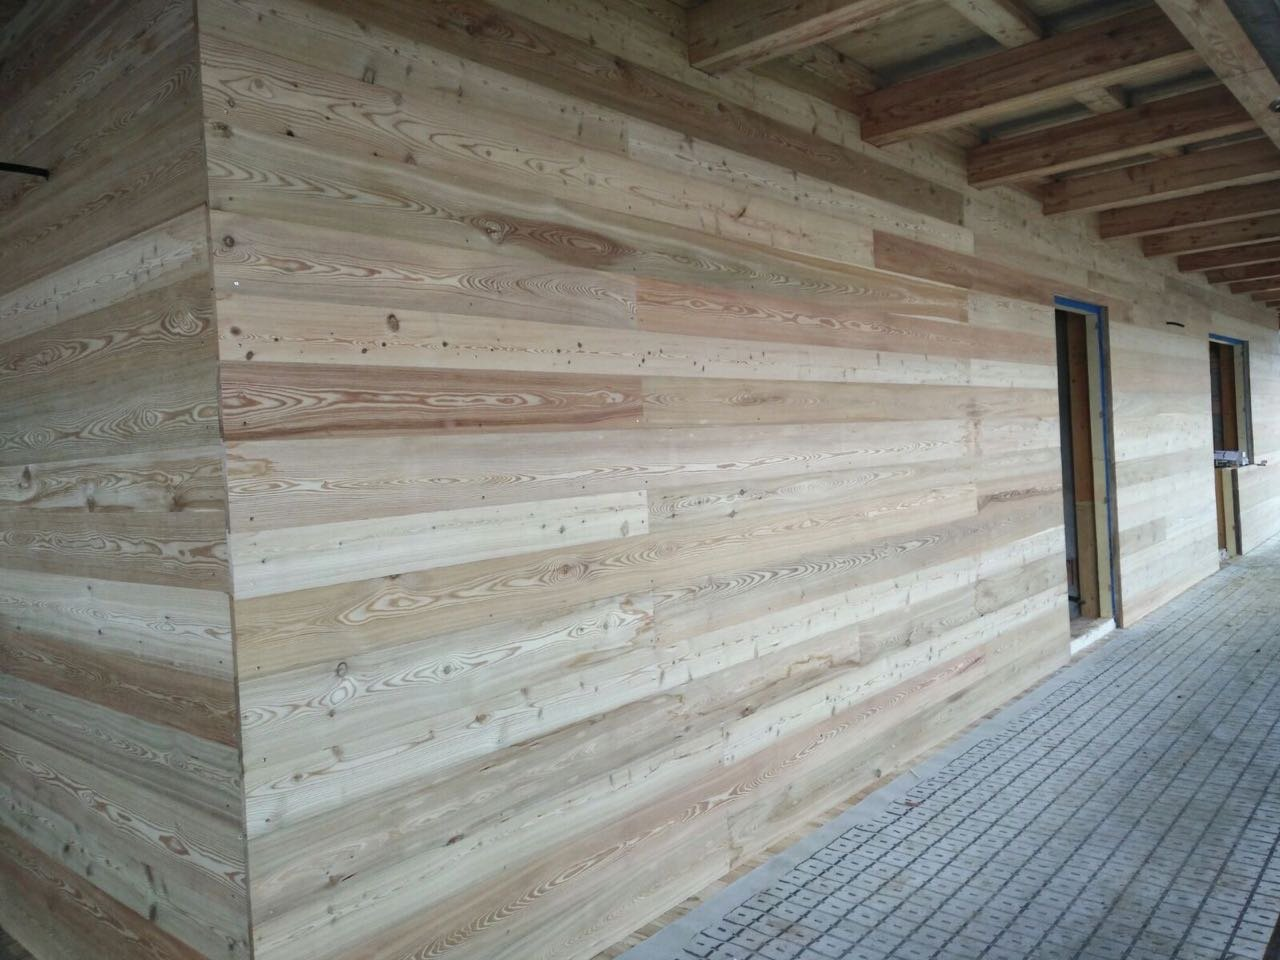 Perline in legno e rivestimenti in legno bms eurolegno for Perline in legno per pareti prezzi